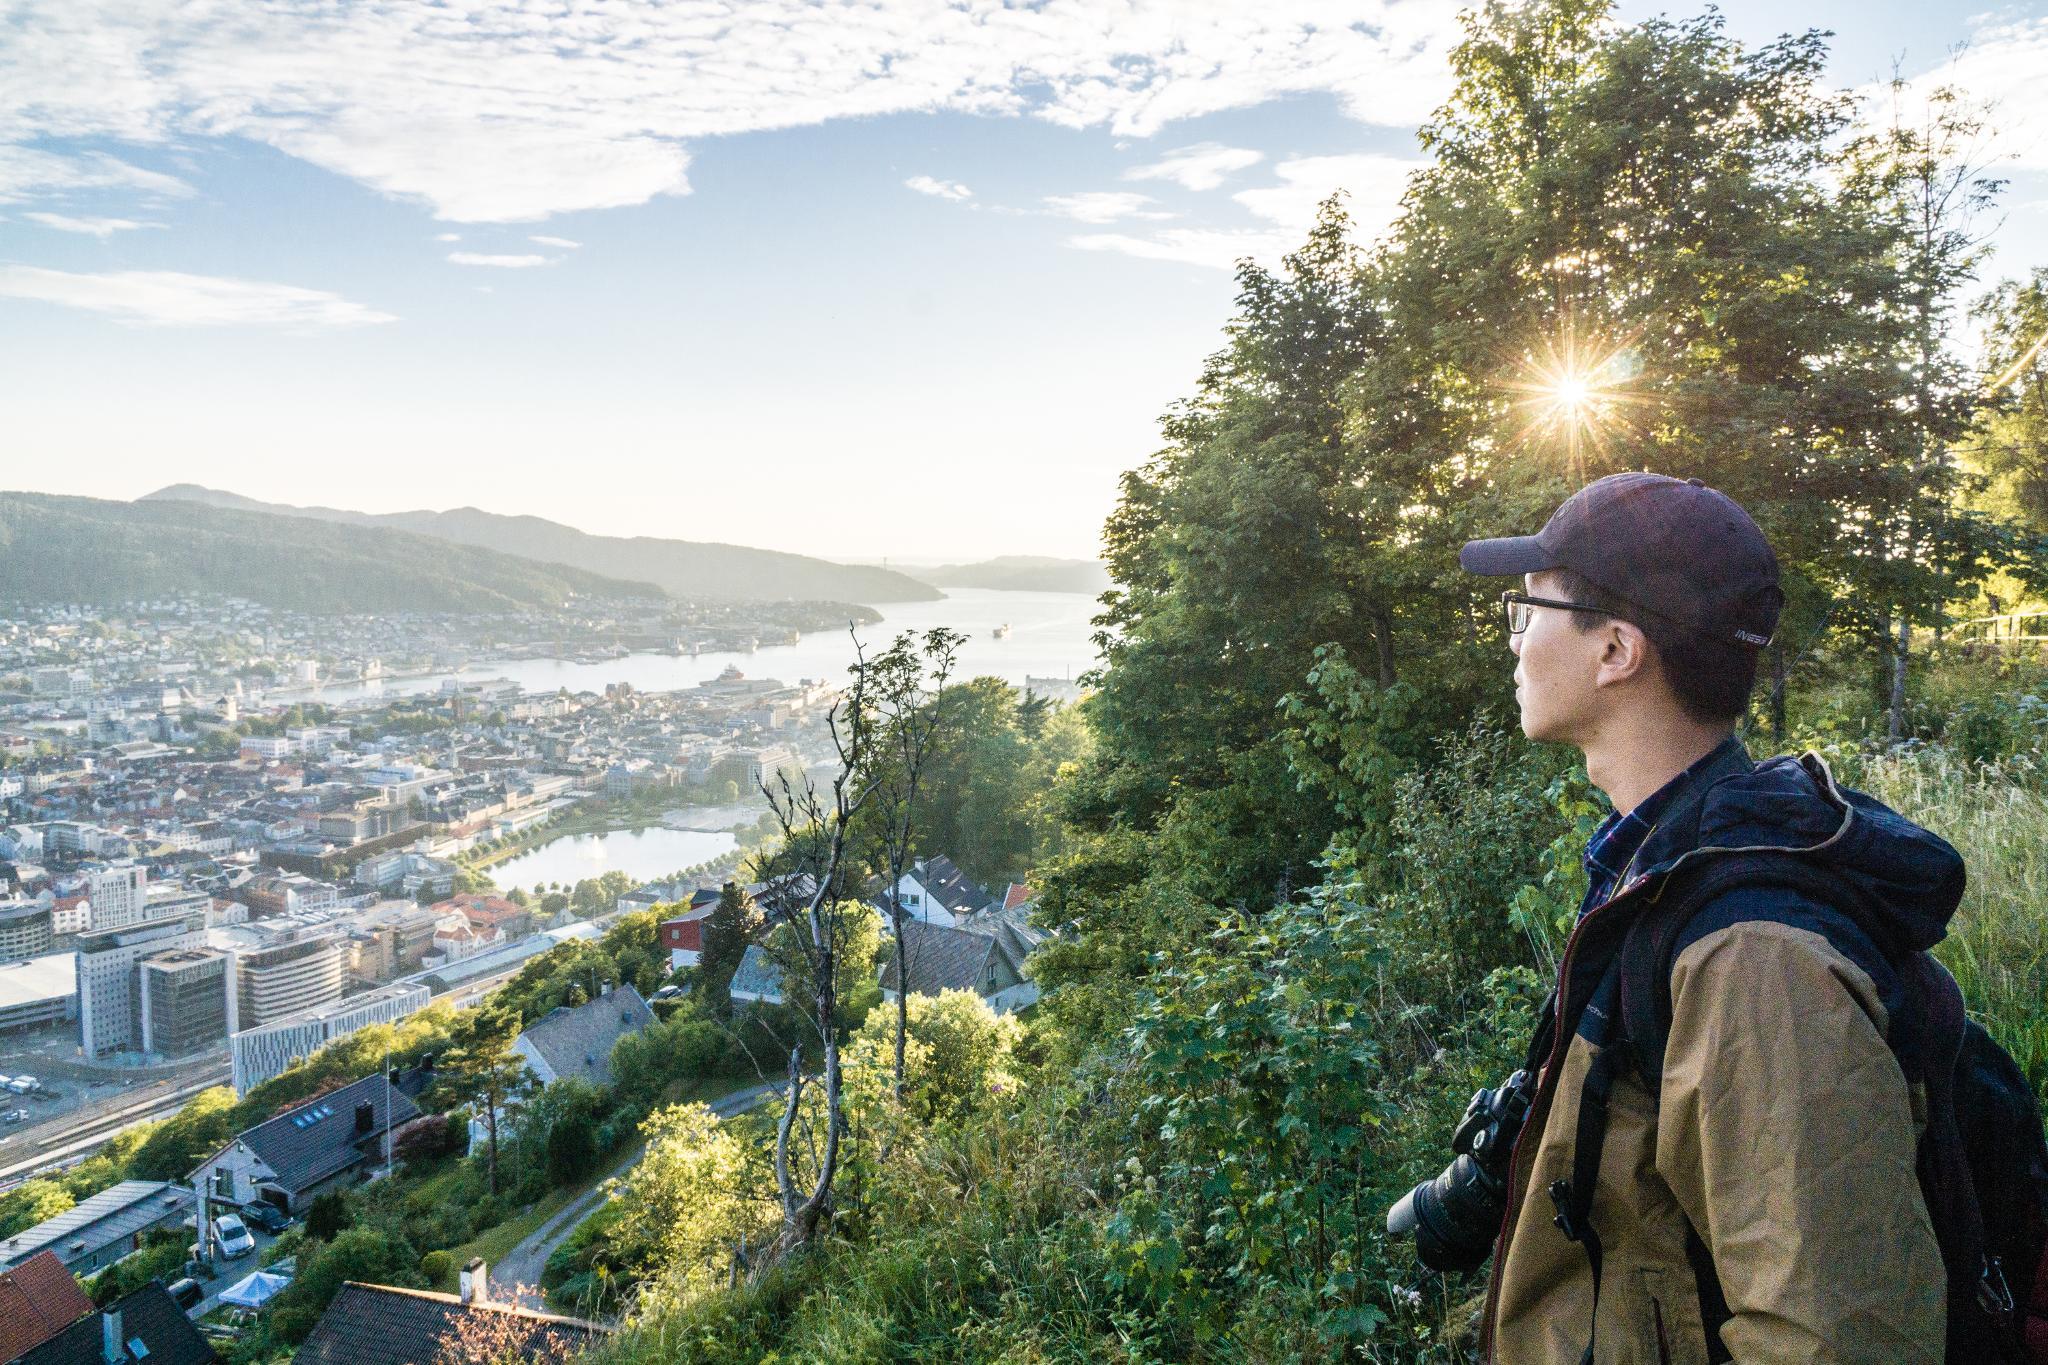 【卑爾根】Fløyen 佛洛伊恩山纜車與觀景台 — 擁抱文化港都的百萬美景 102